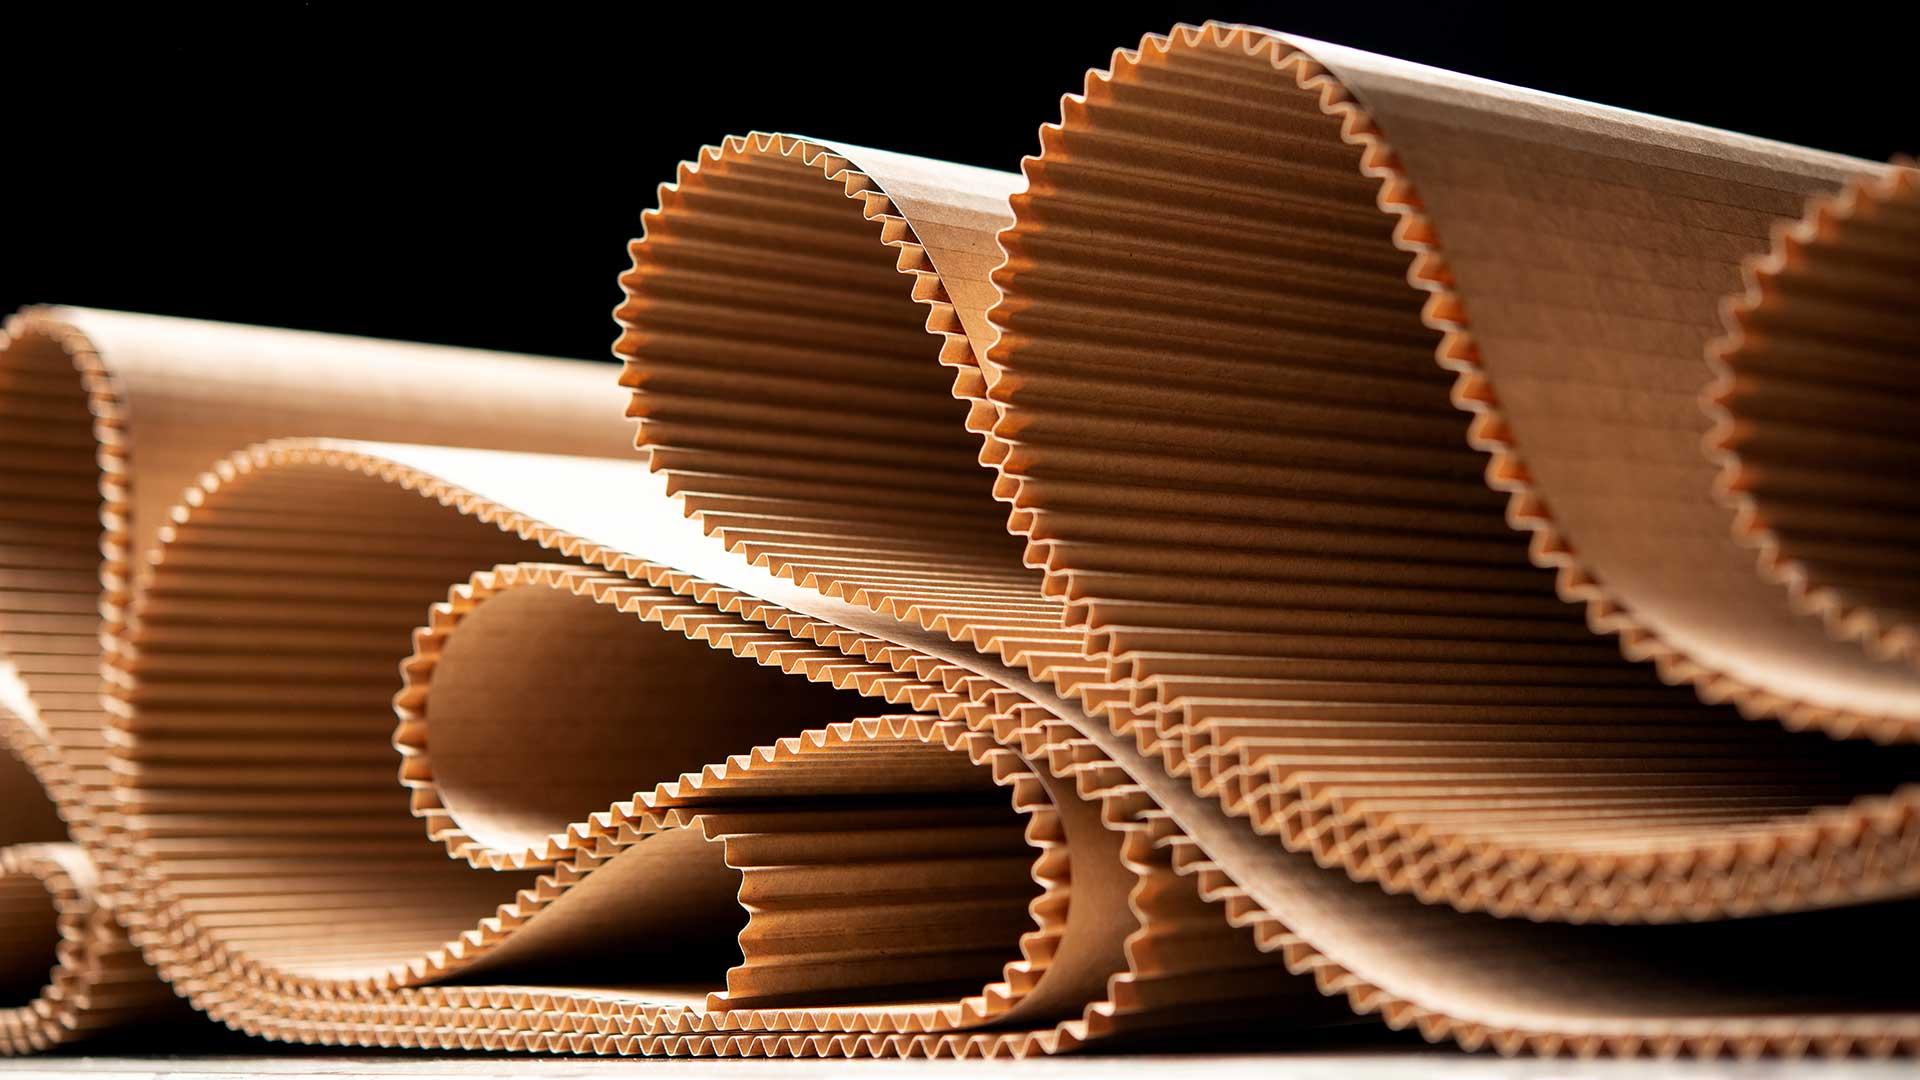 Colle e adesivi professionali per cartotecnica e packaging